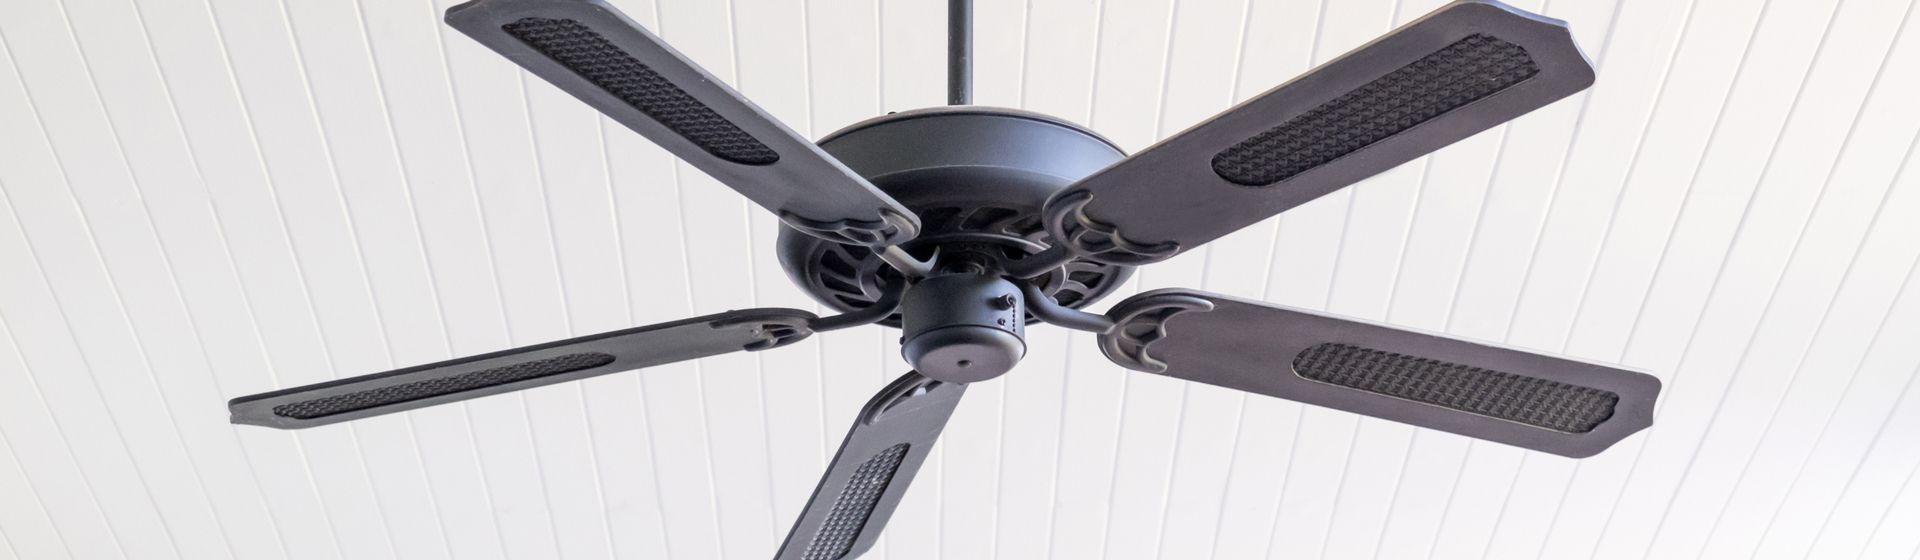 Como instalar ventilador de teto?